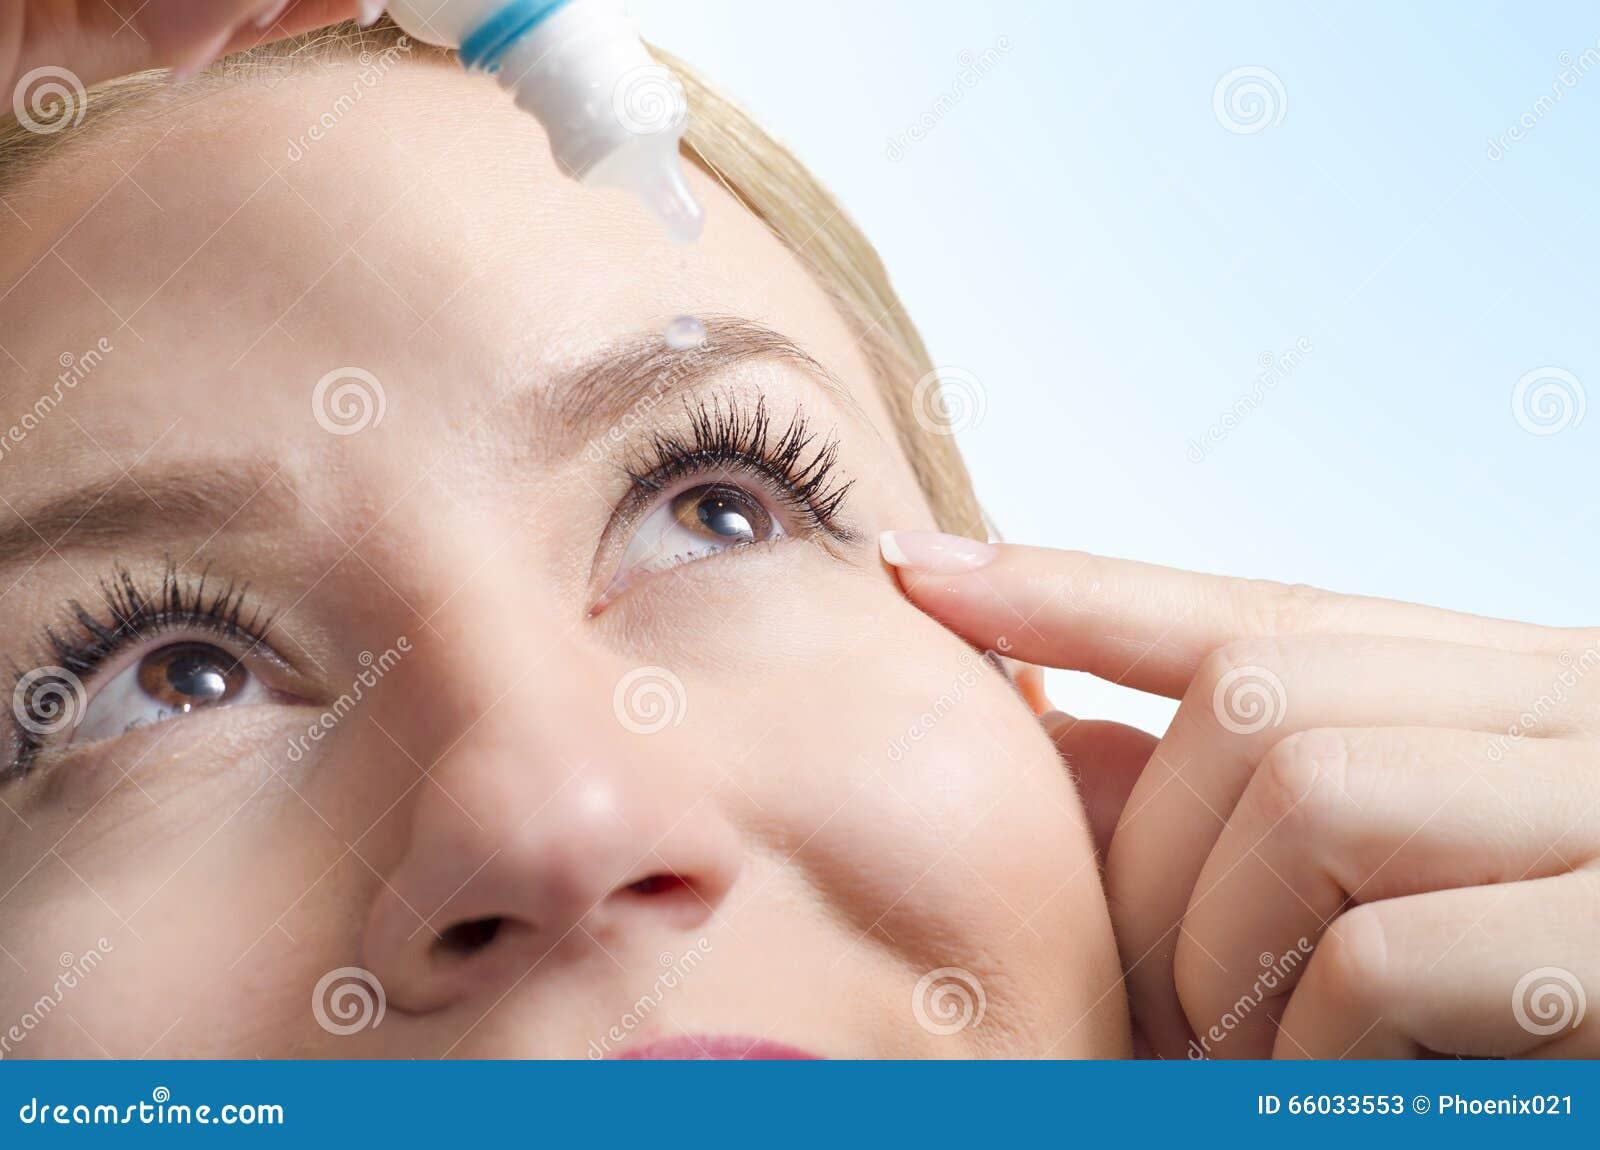 Closeup of young woman applying eye drops